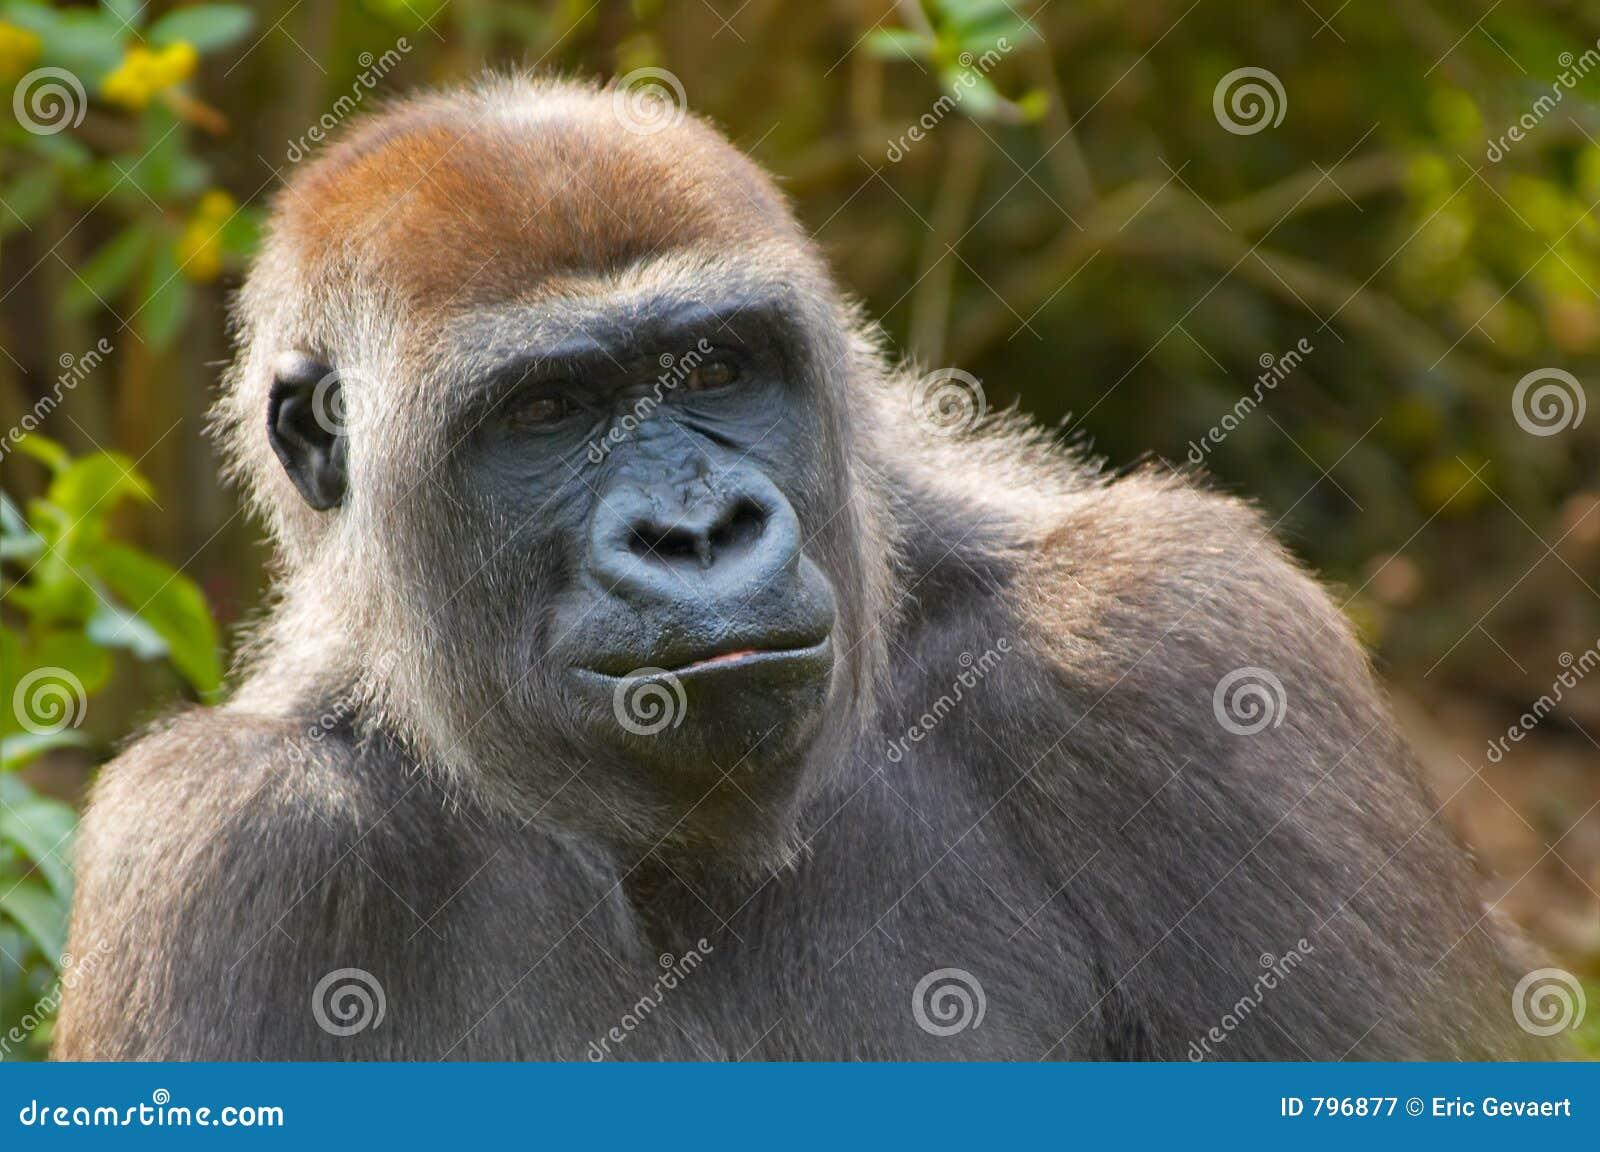 Closeup of a gorilla